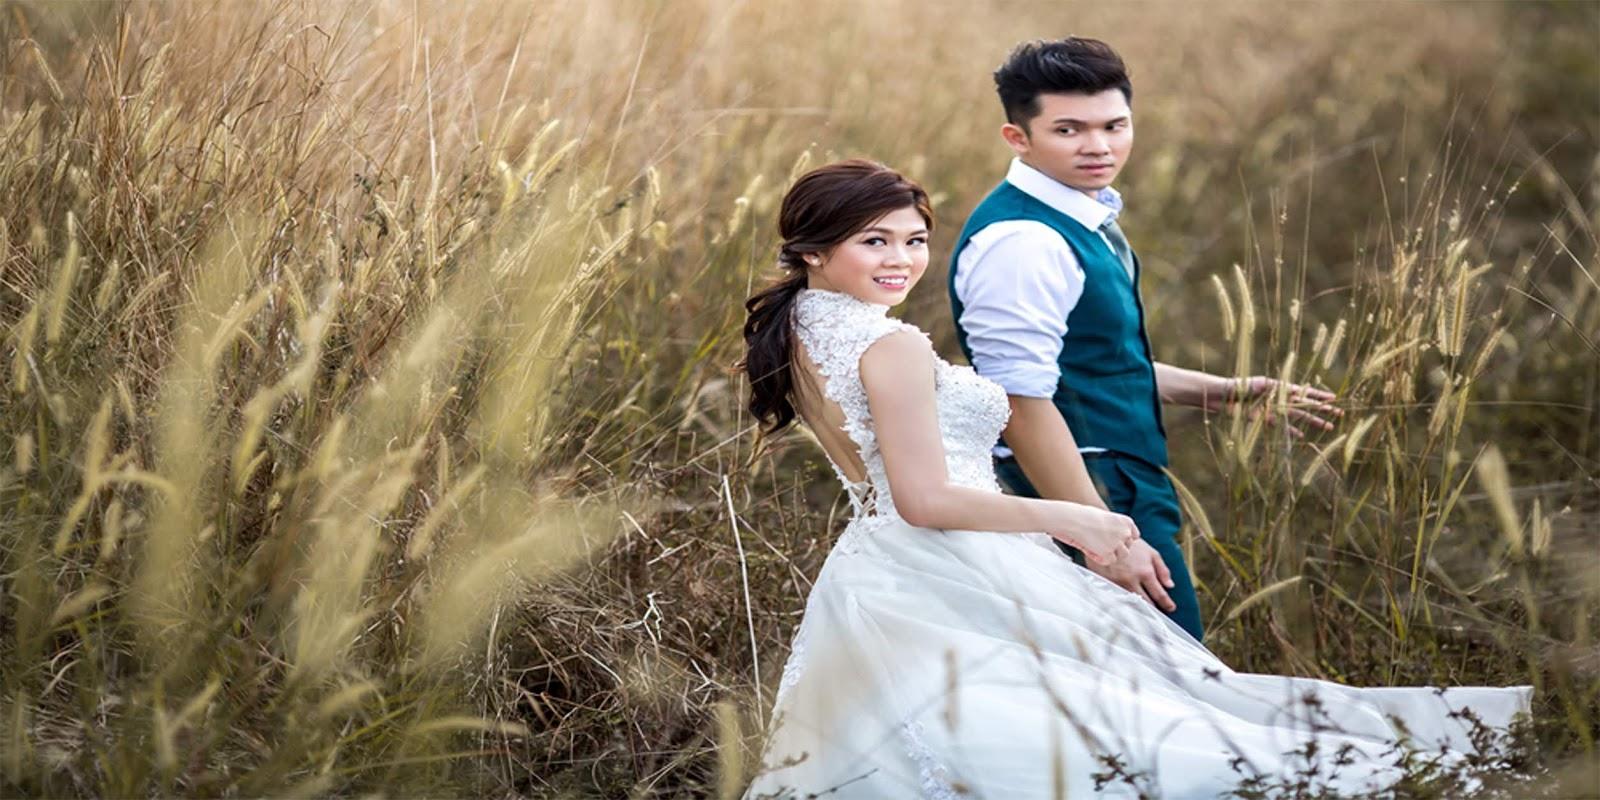 Ingat Menikah Bukan Sebatas Menyegerakan Kata Sah